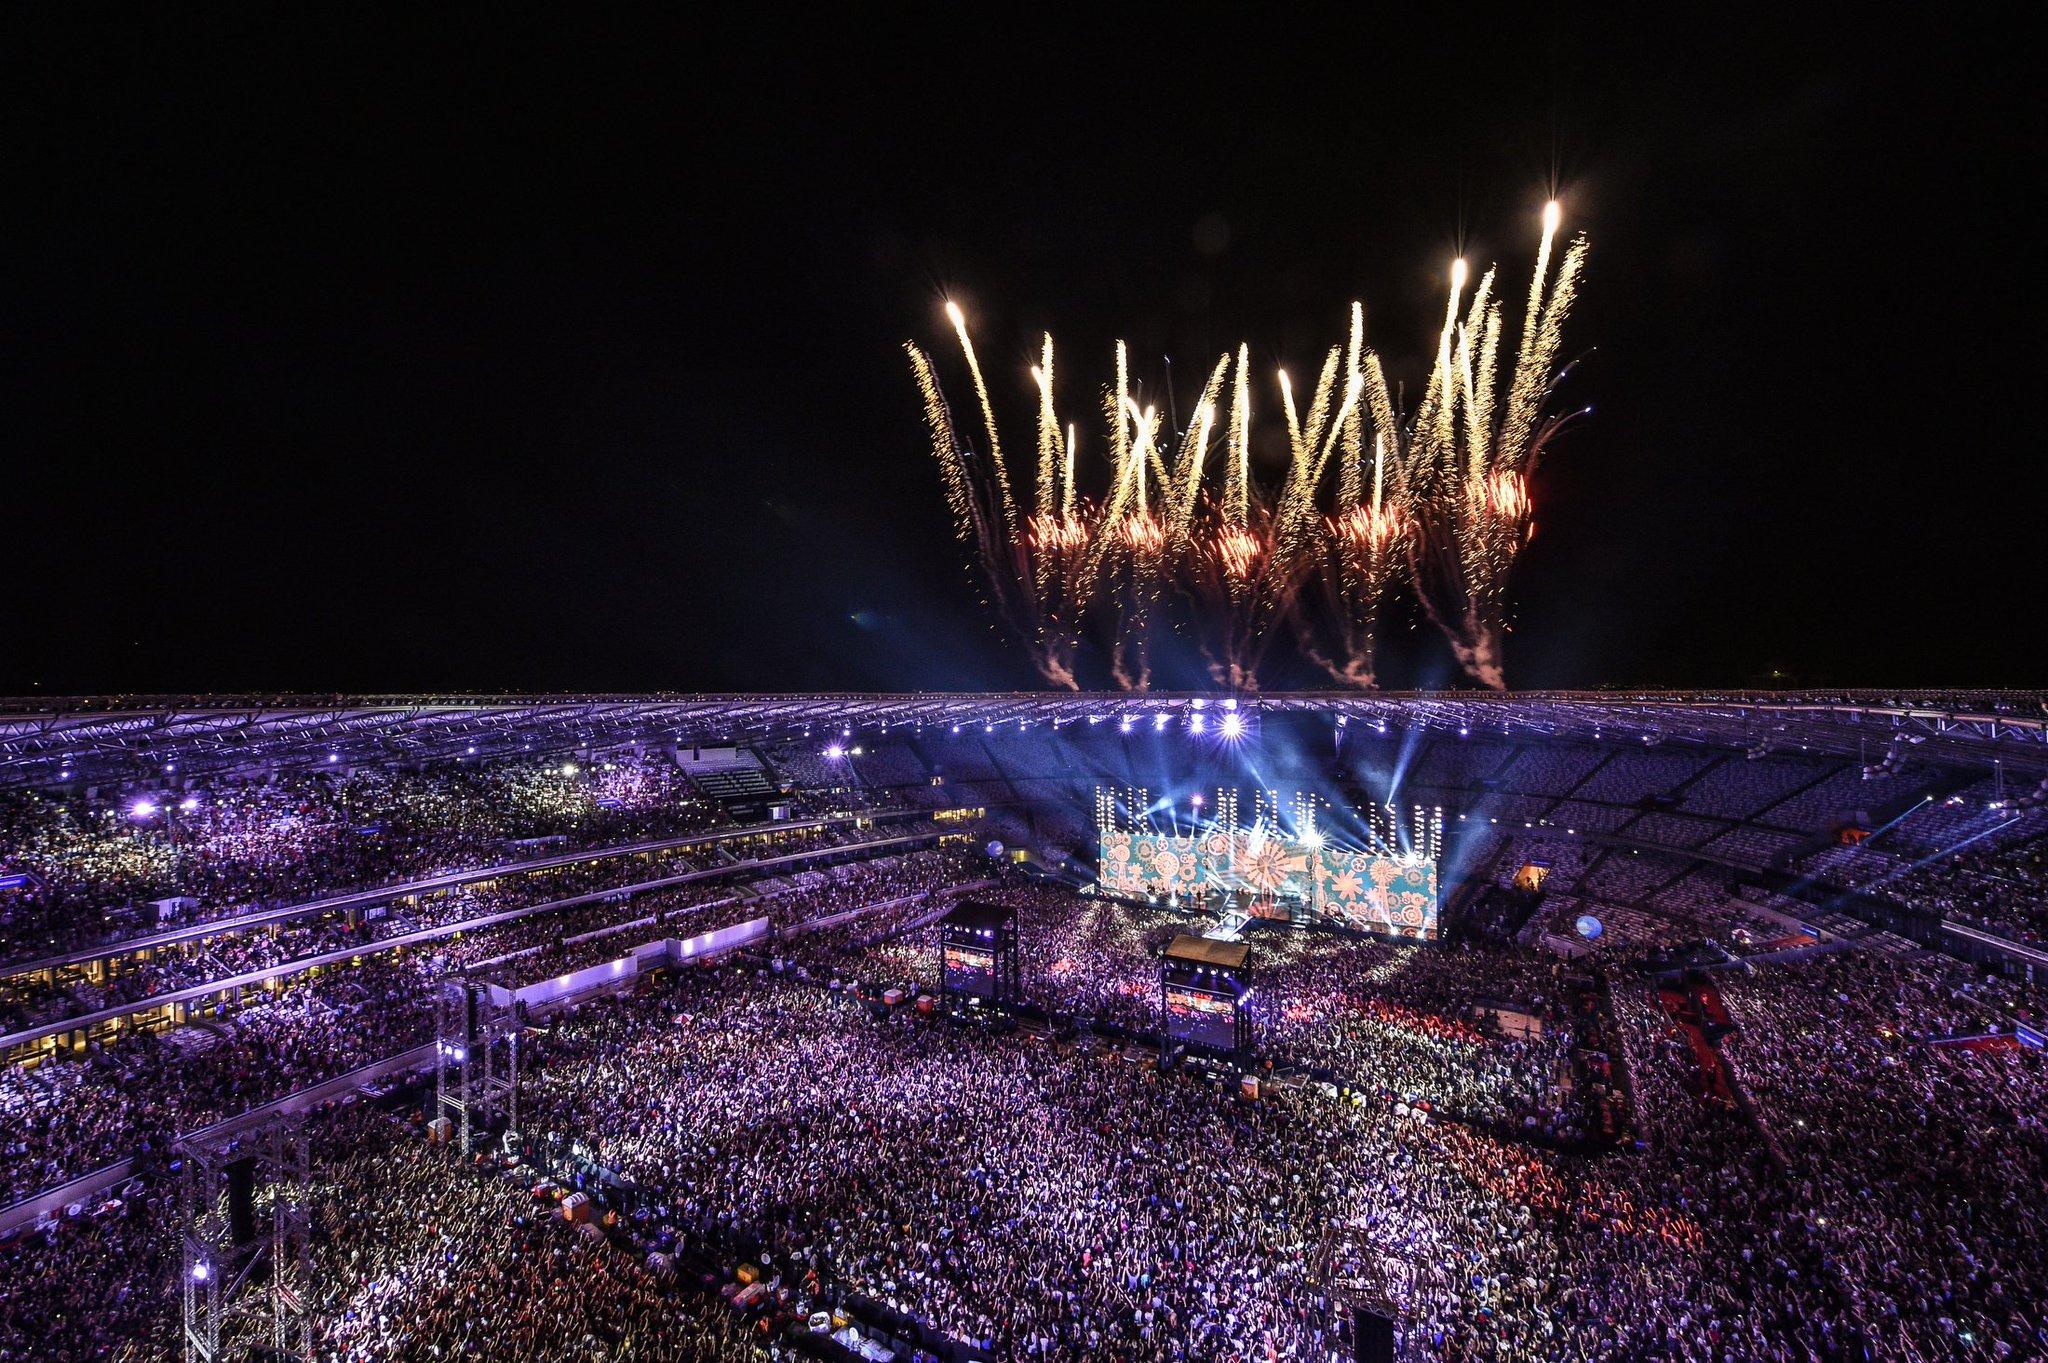 Mais de 60 mil pessoas e um evento incrível #FestejaBH #Mineirão53Anos https://t.co/Wn38rJVOYT